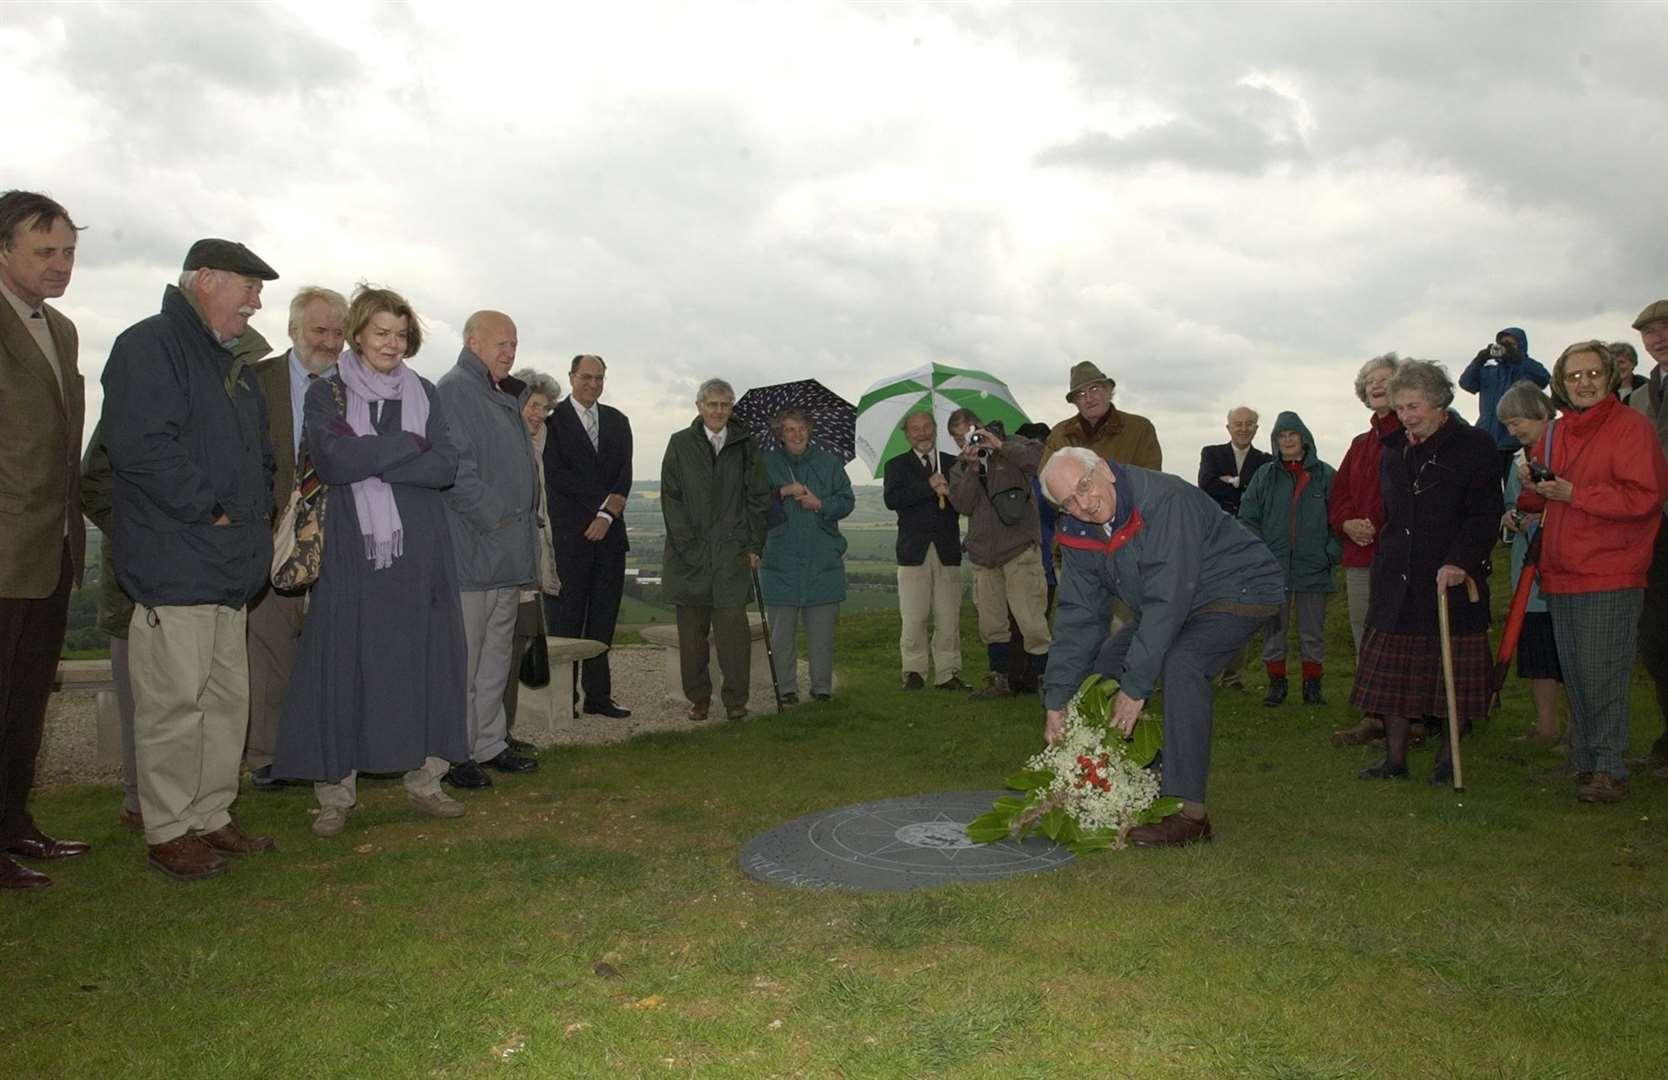 Dos placas conmemorativas y la rosa de los vientos, que es una pieza pesada de pizarra de Cumberland, fueron descubiertas en la parte superior de la Corona Wye en mayo de 2003. Imagen: Dave Downey